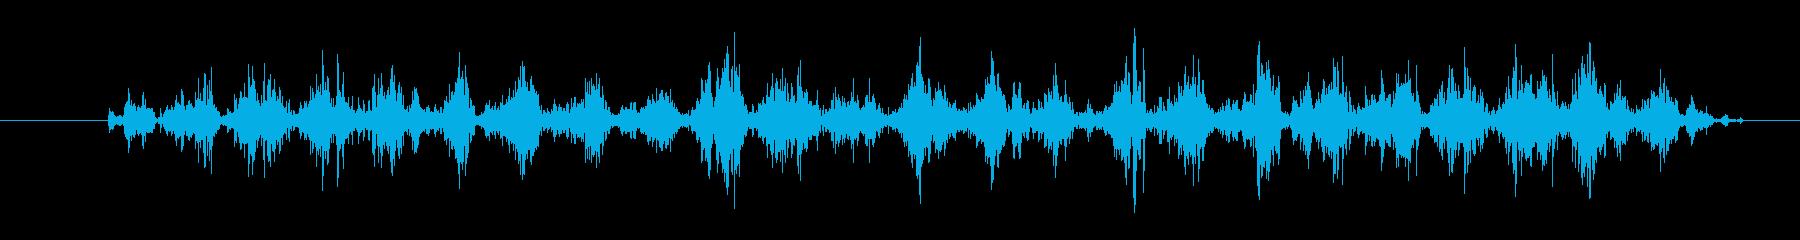 カサコソの再生済みの波形